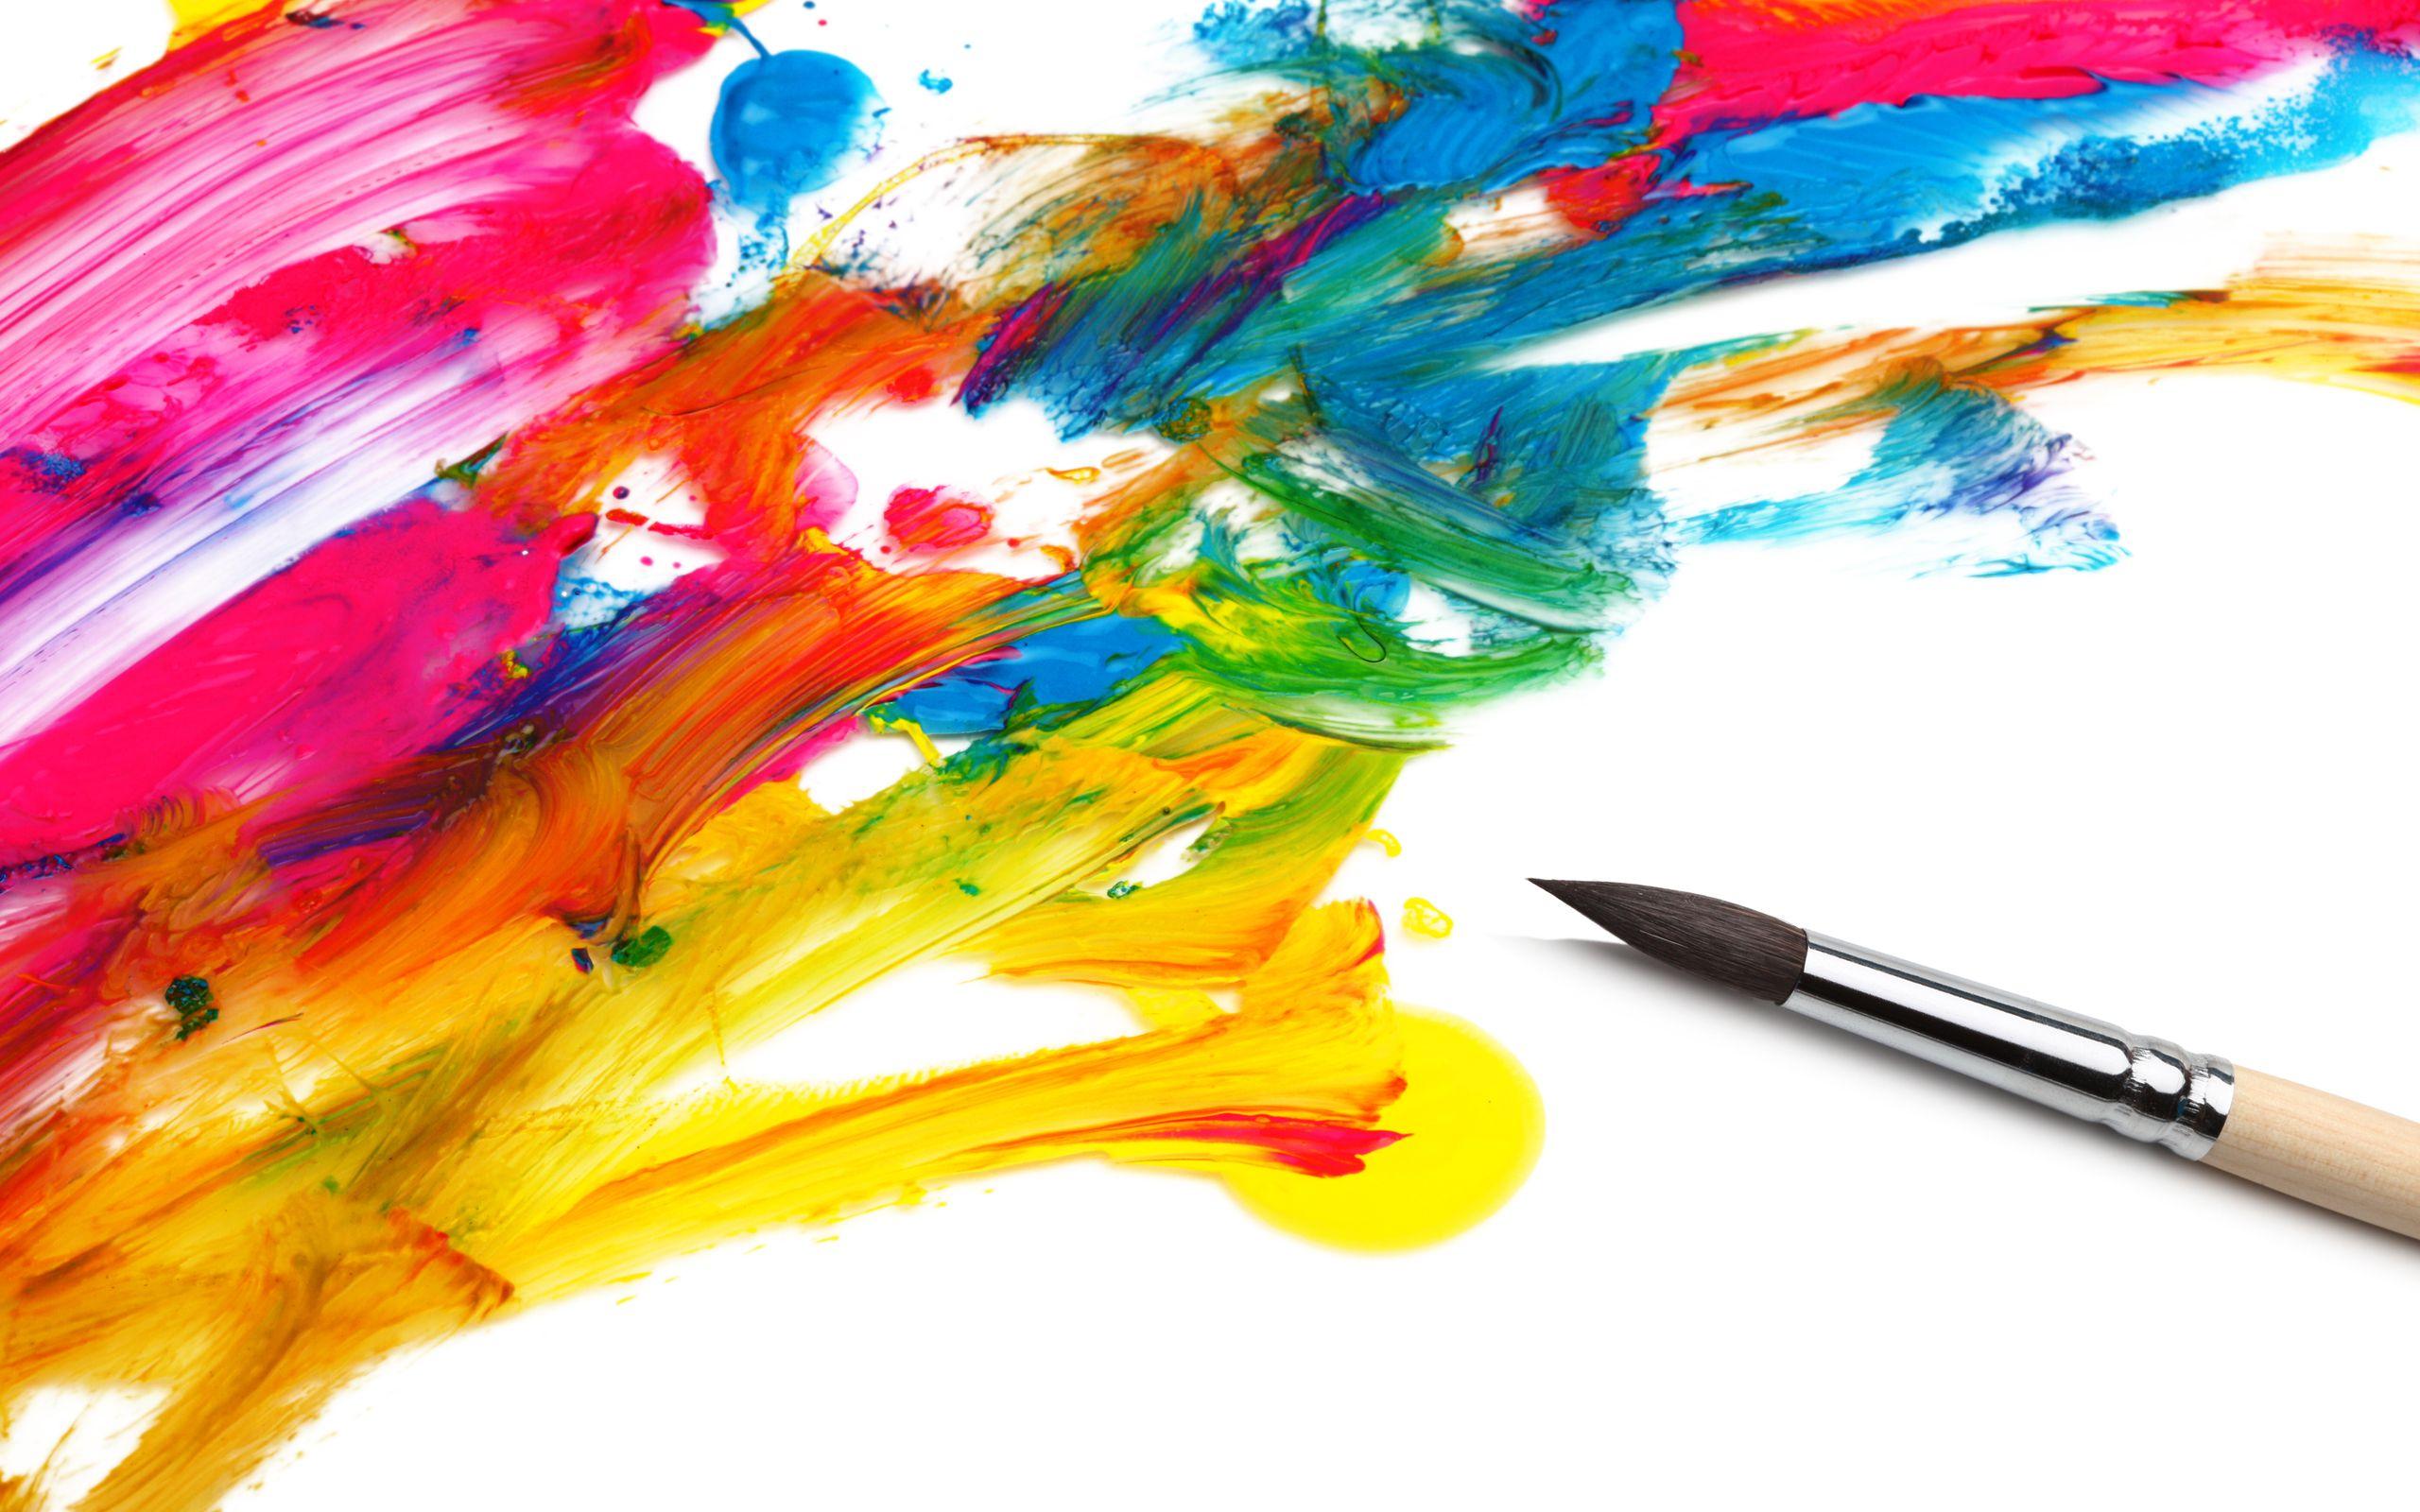 شش راه آسان و ساده برای خلق آثار هنری و هنرمند شدن